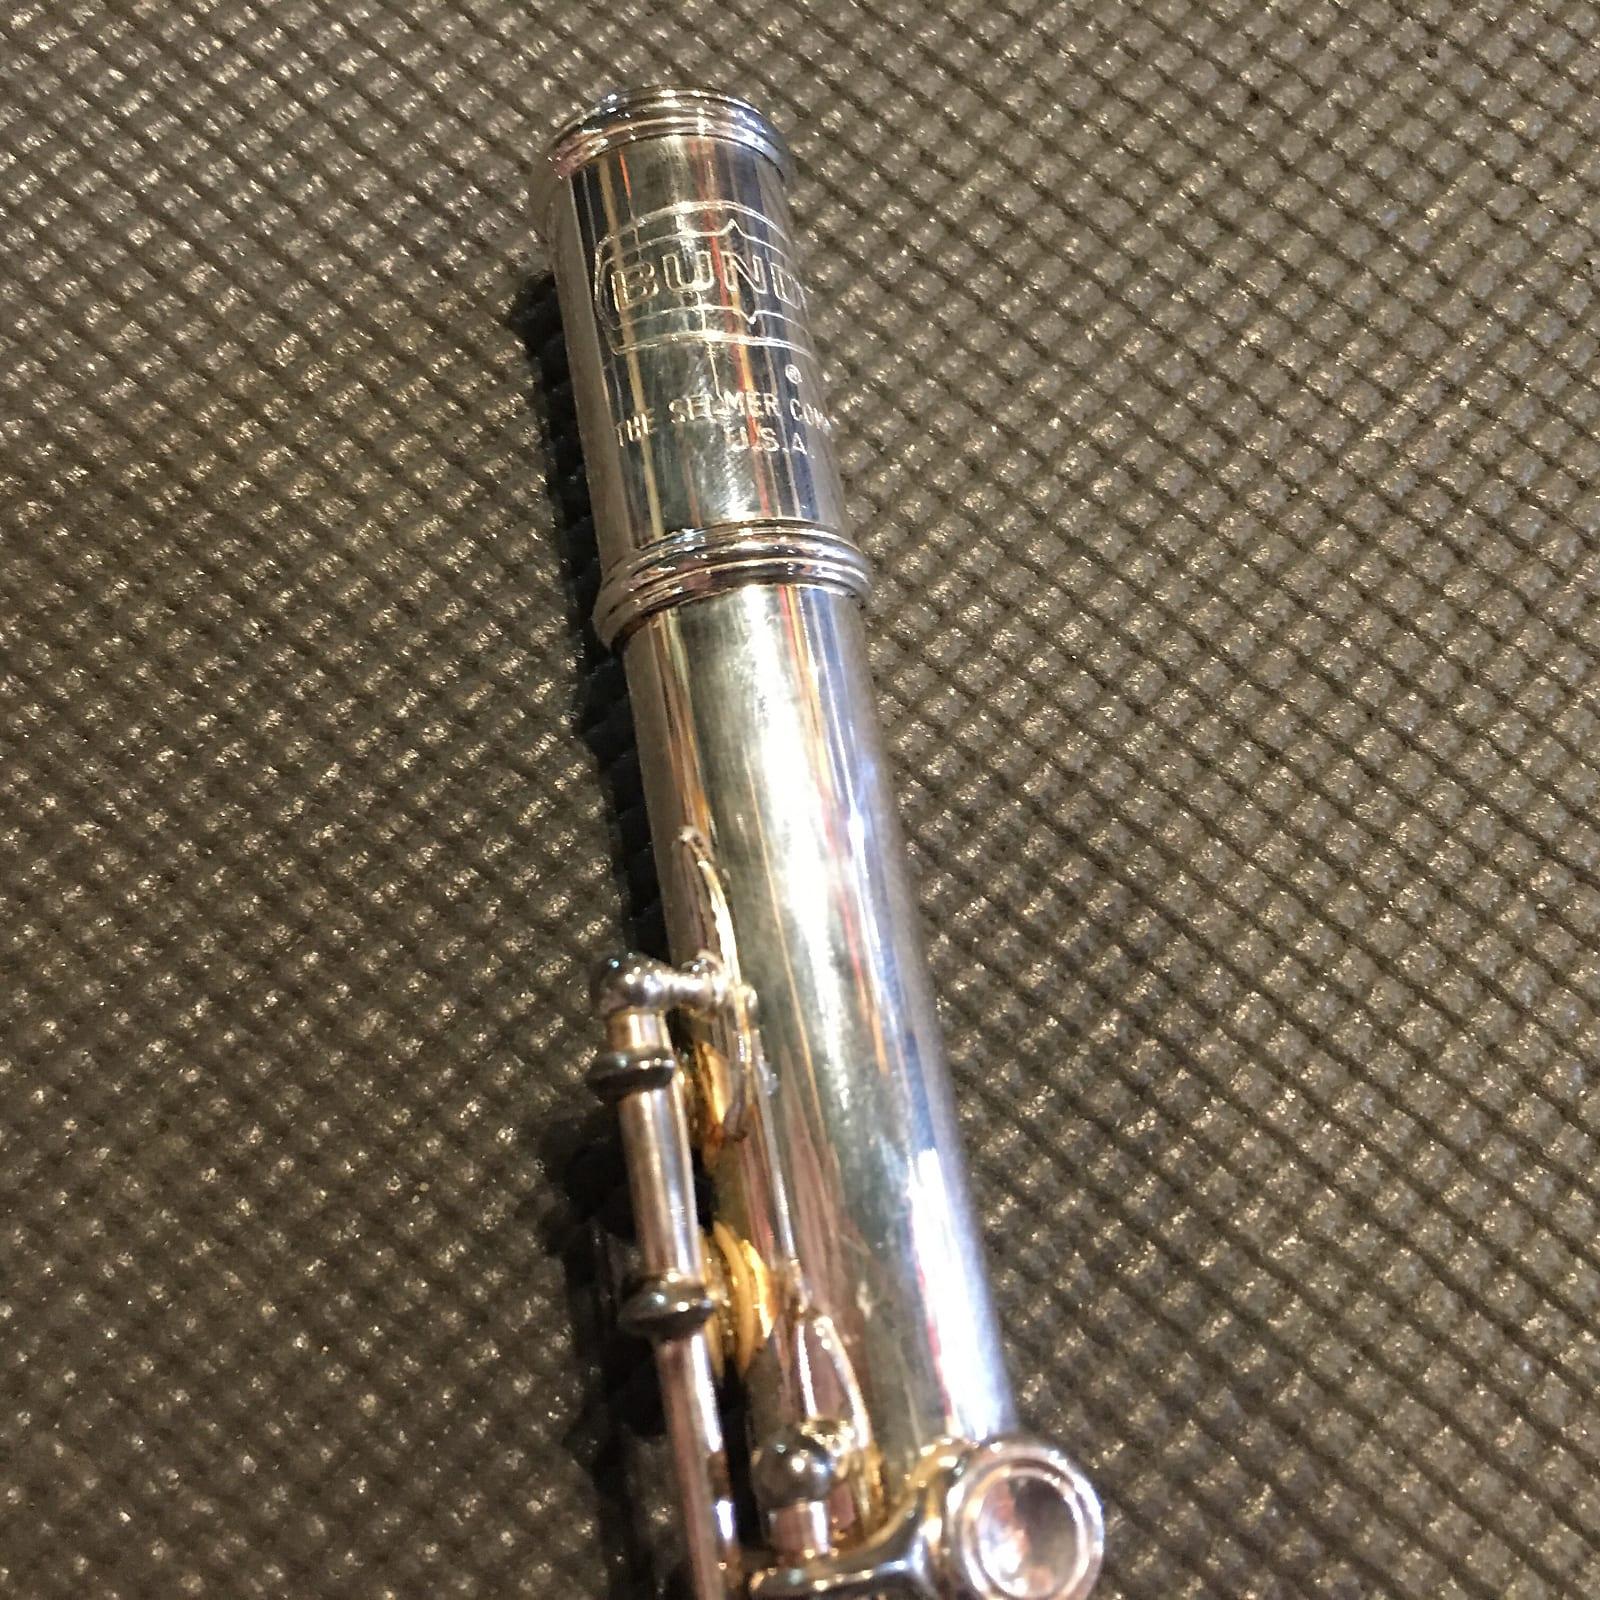 Selmer Bundy 1290S Nickel Silver Vintage Flute c. 1980s